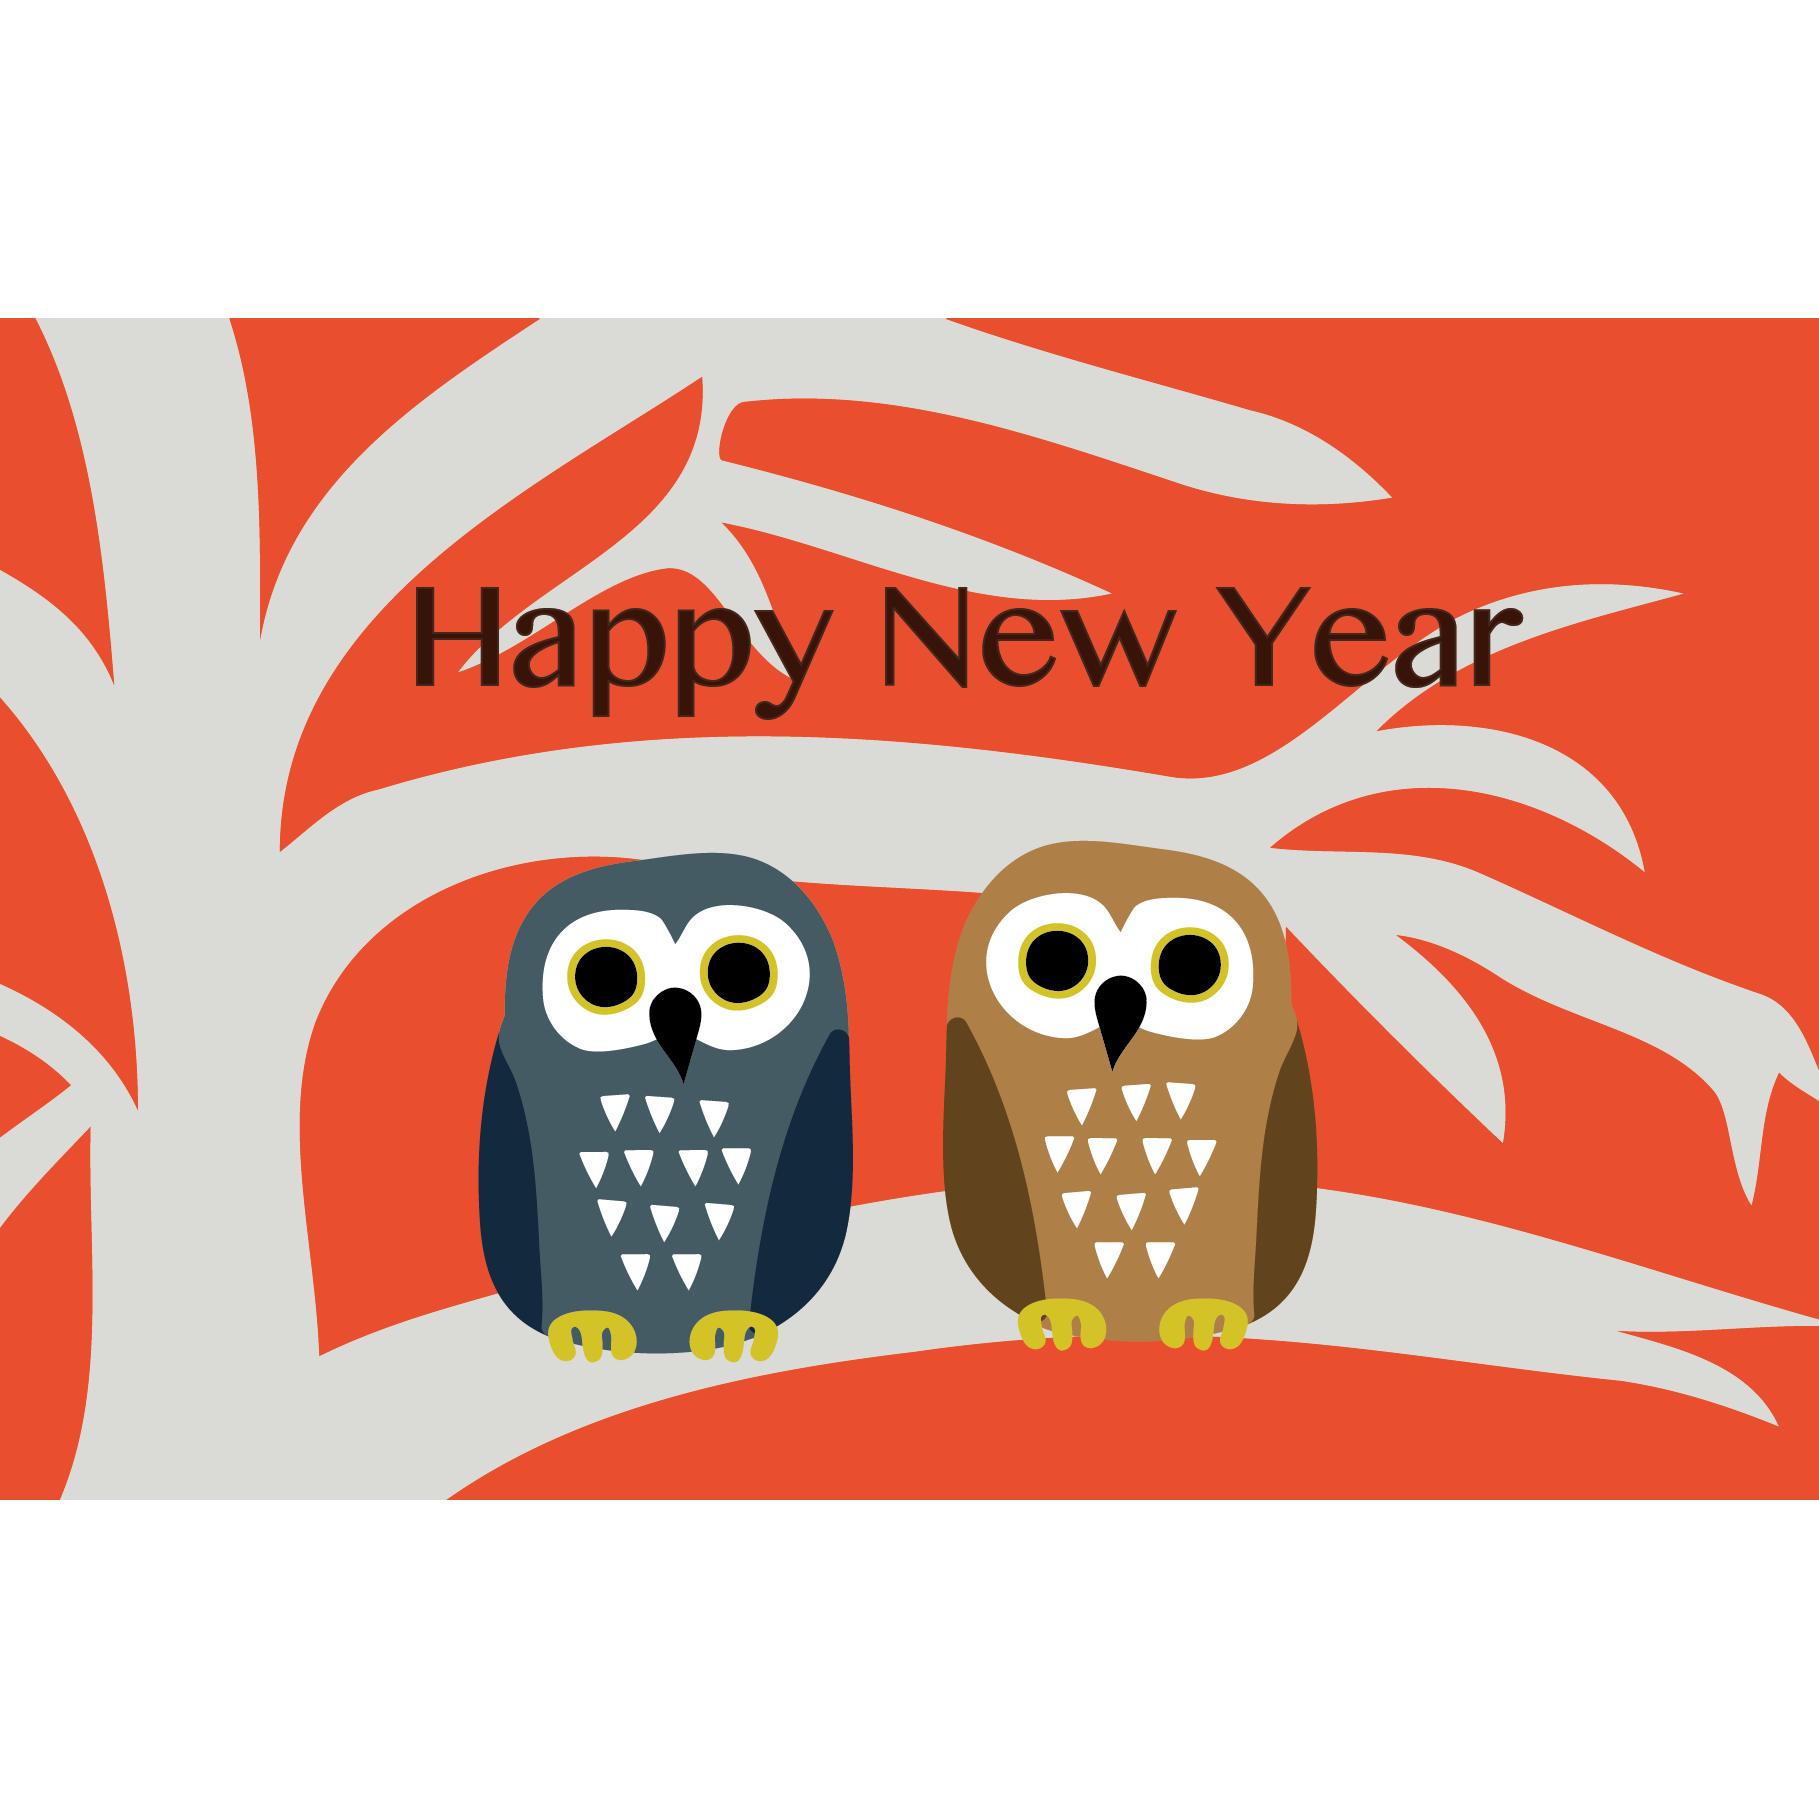 フクロウ : 【2017年・酉年】新年の年賀状に使えるイラスト集♪(フリー